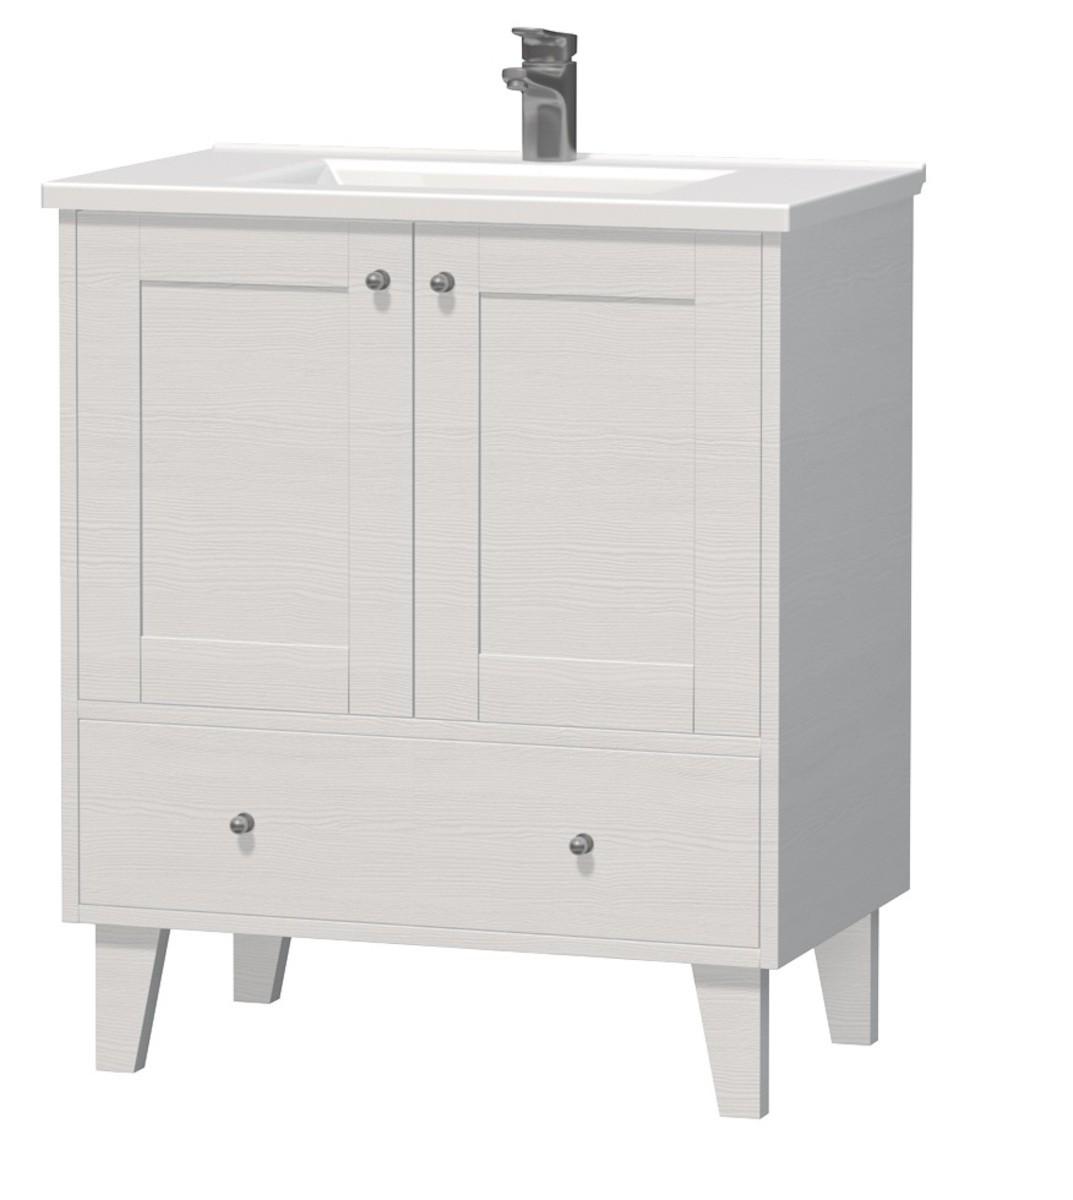 Kúpeľňová skrinka s umývadlom Naturel Provence 75x46 cm biela PROVENCE75BT